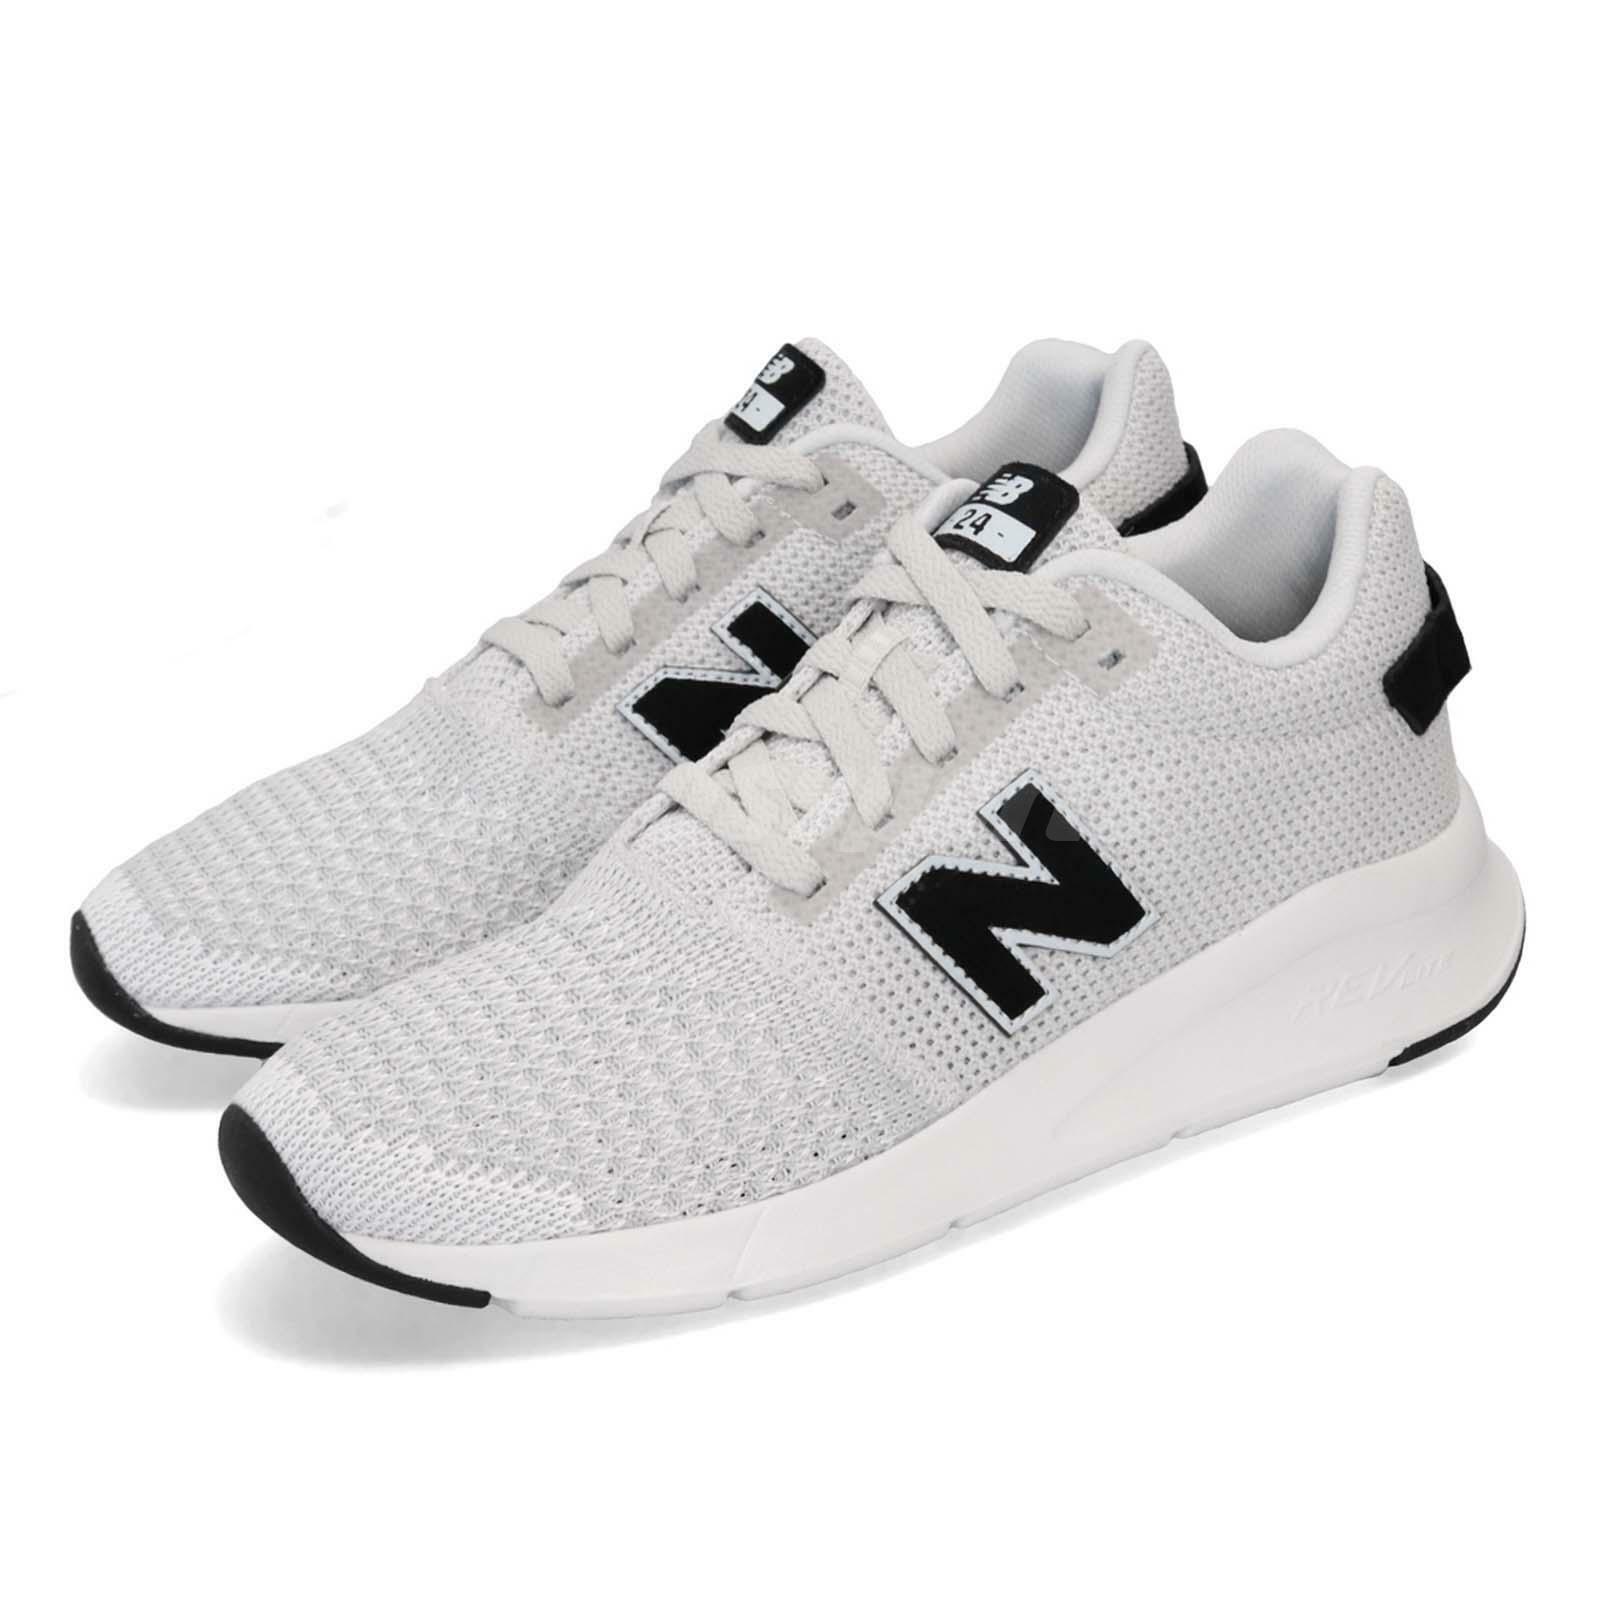 Nuovo bilanciamento MS24DWG2 D Bianco bianco bianco bianco  bianco bianco bianco bianco in corsa scarpe a cascata MS24DWG2D  economico e di alta qualità